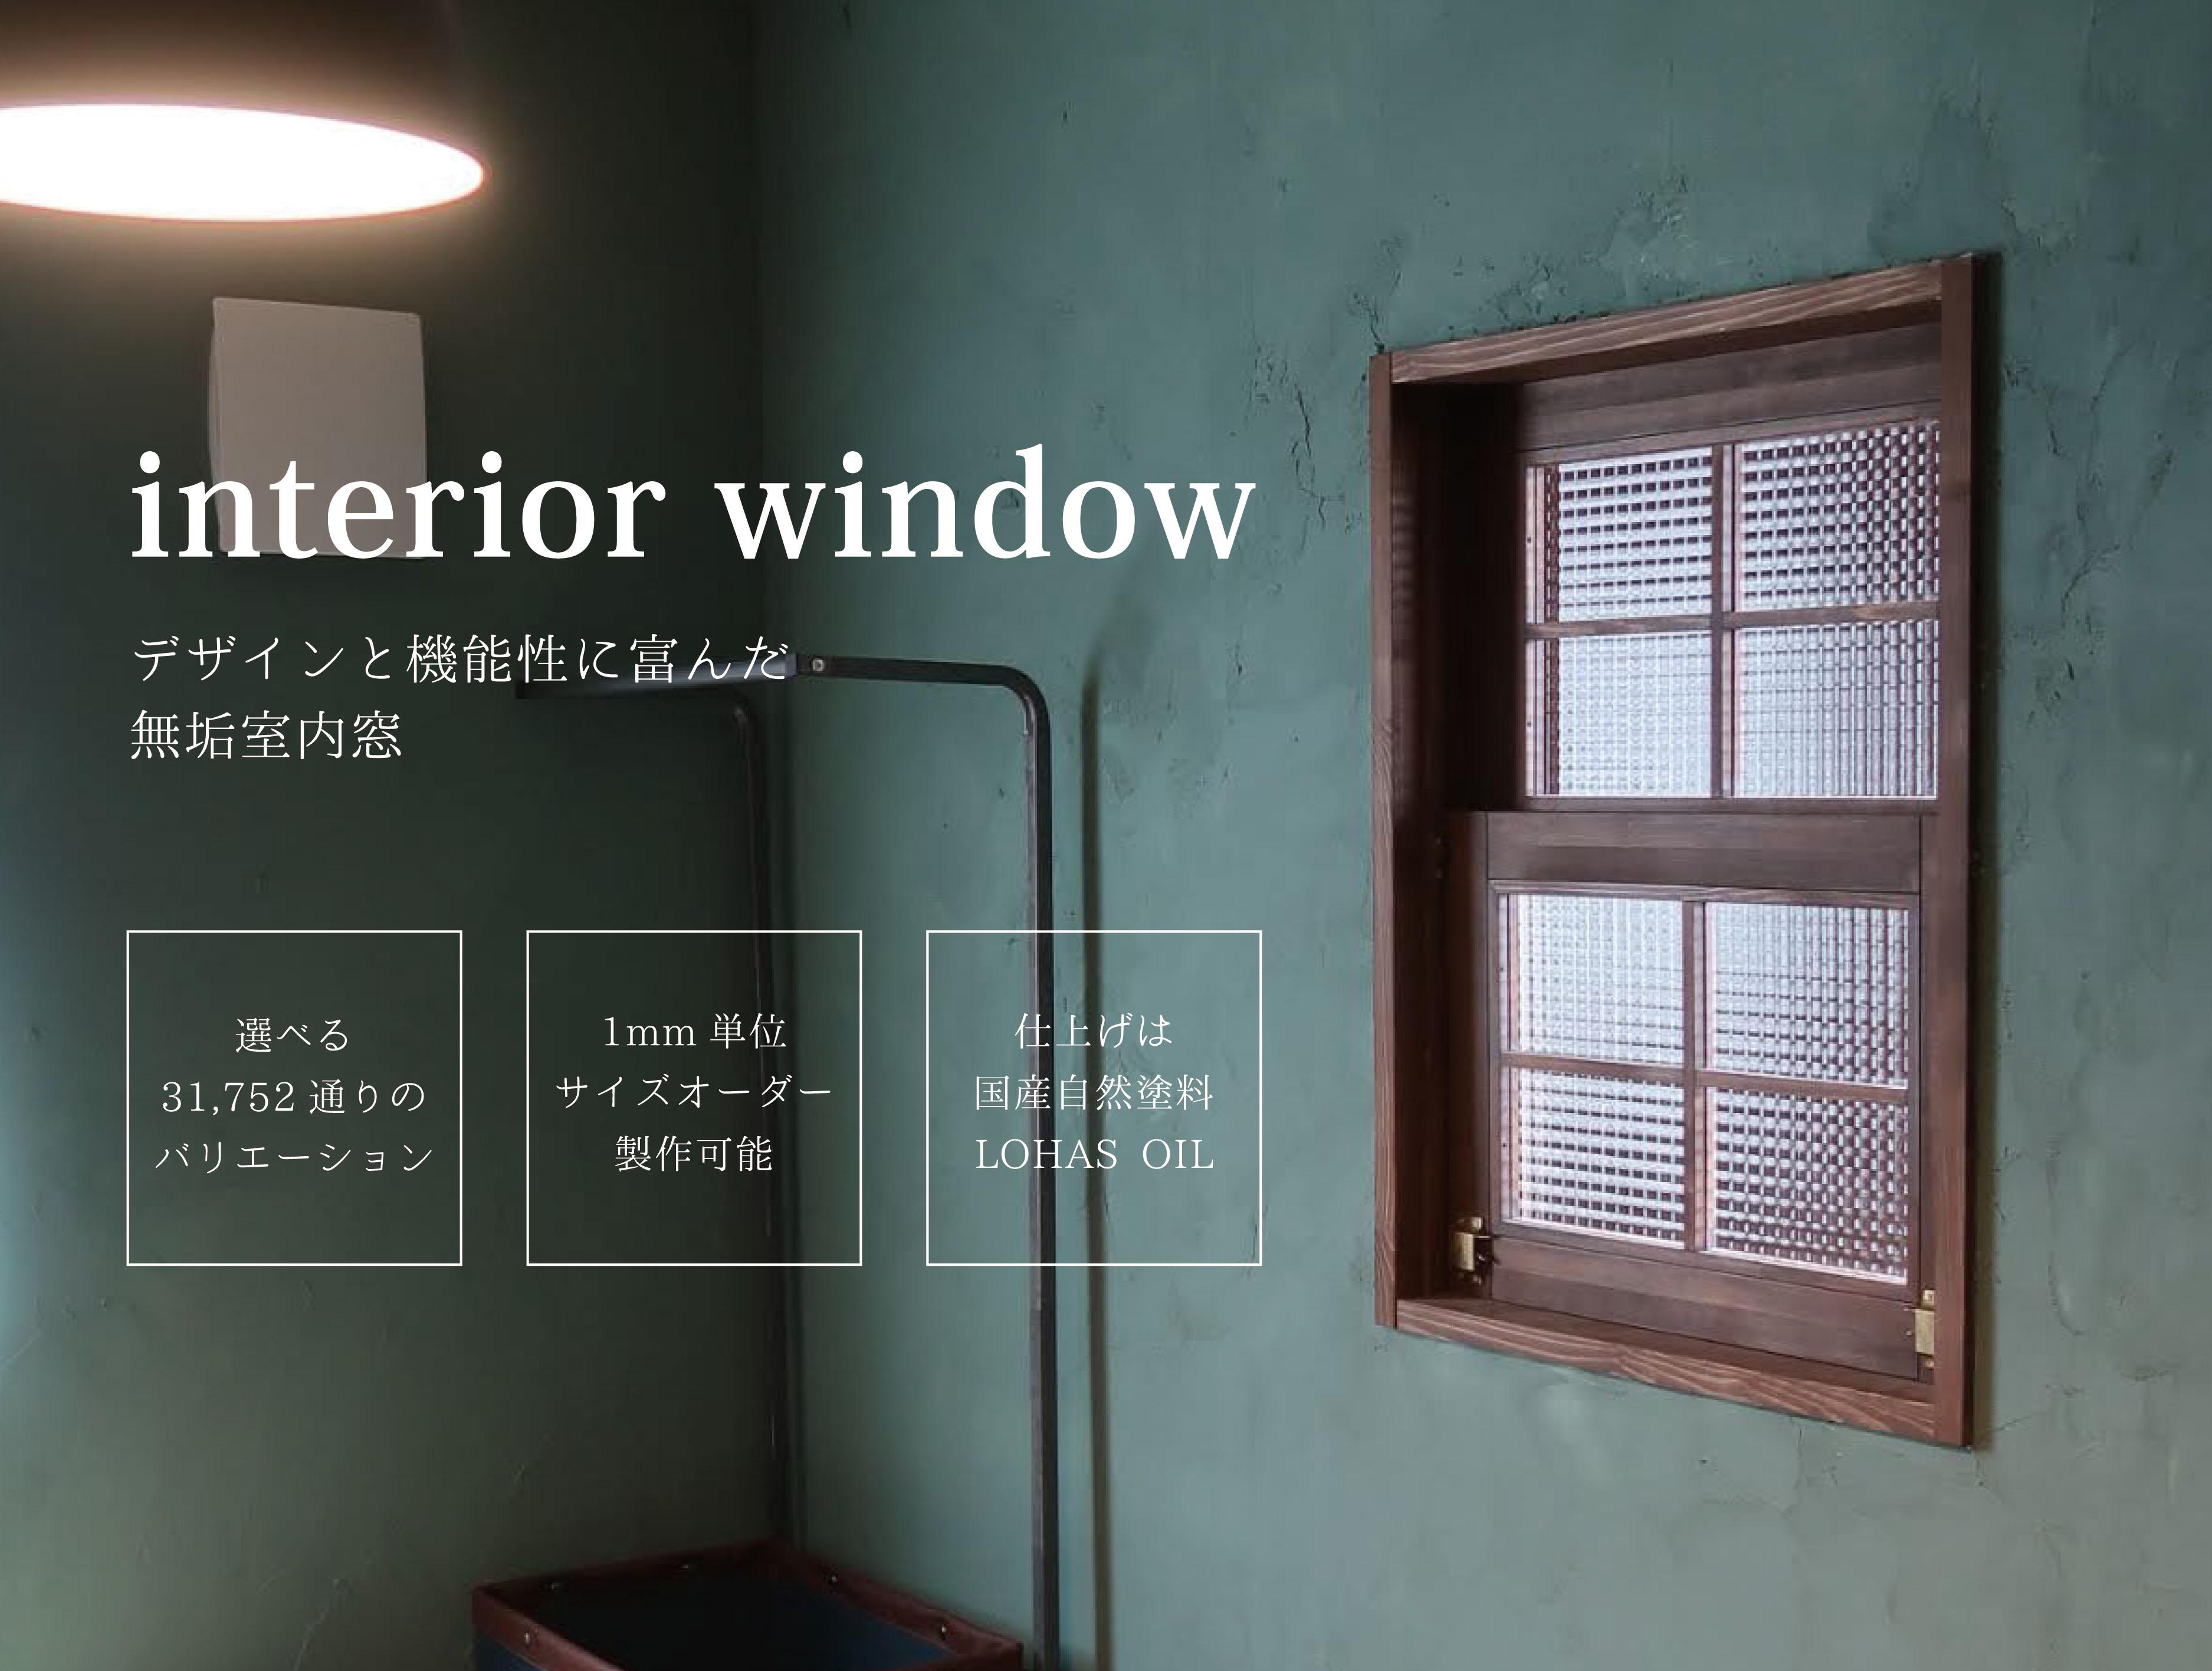 無垢室内窓 interior window 選べる4770通りのバリエーション フルオーダー製作可